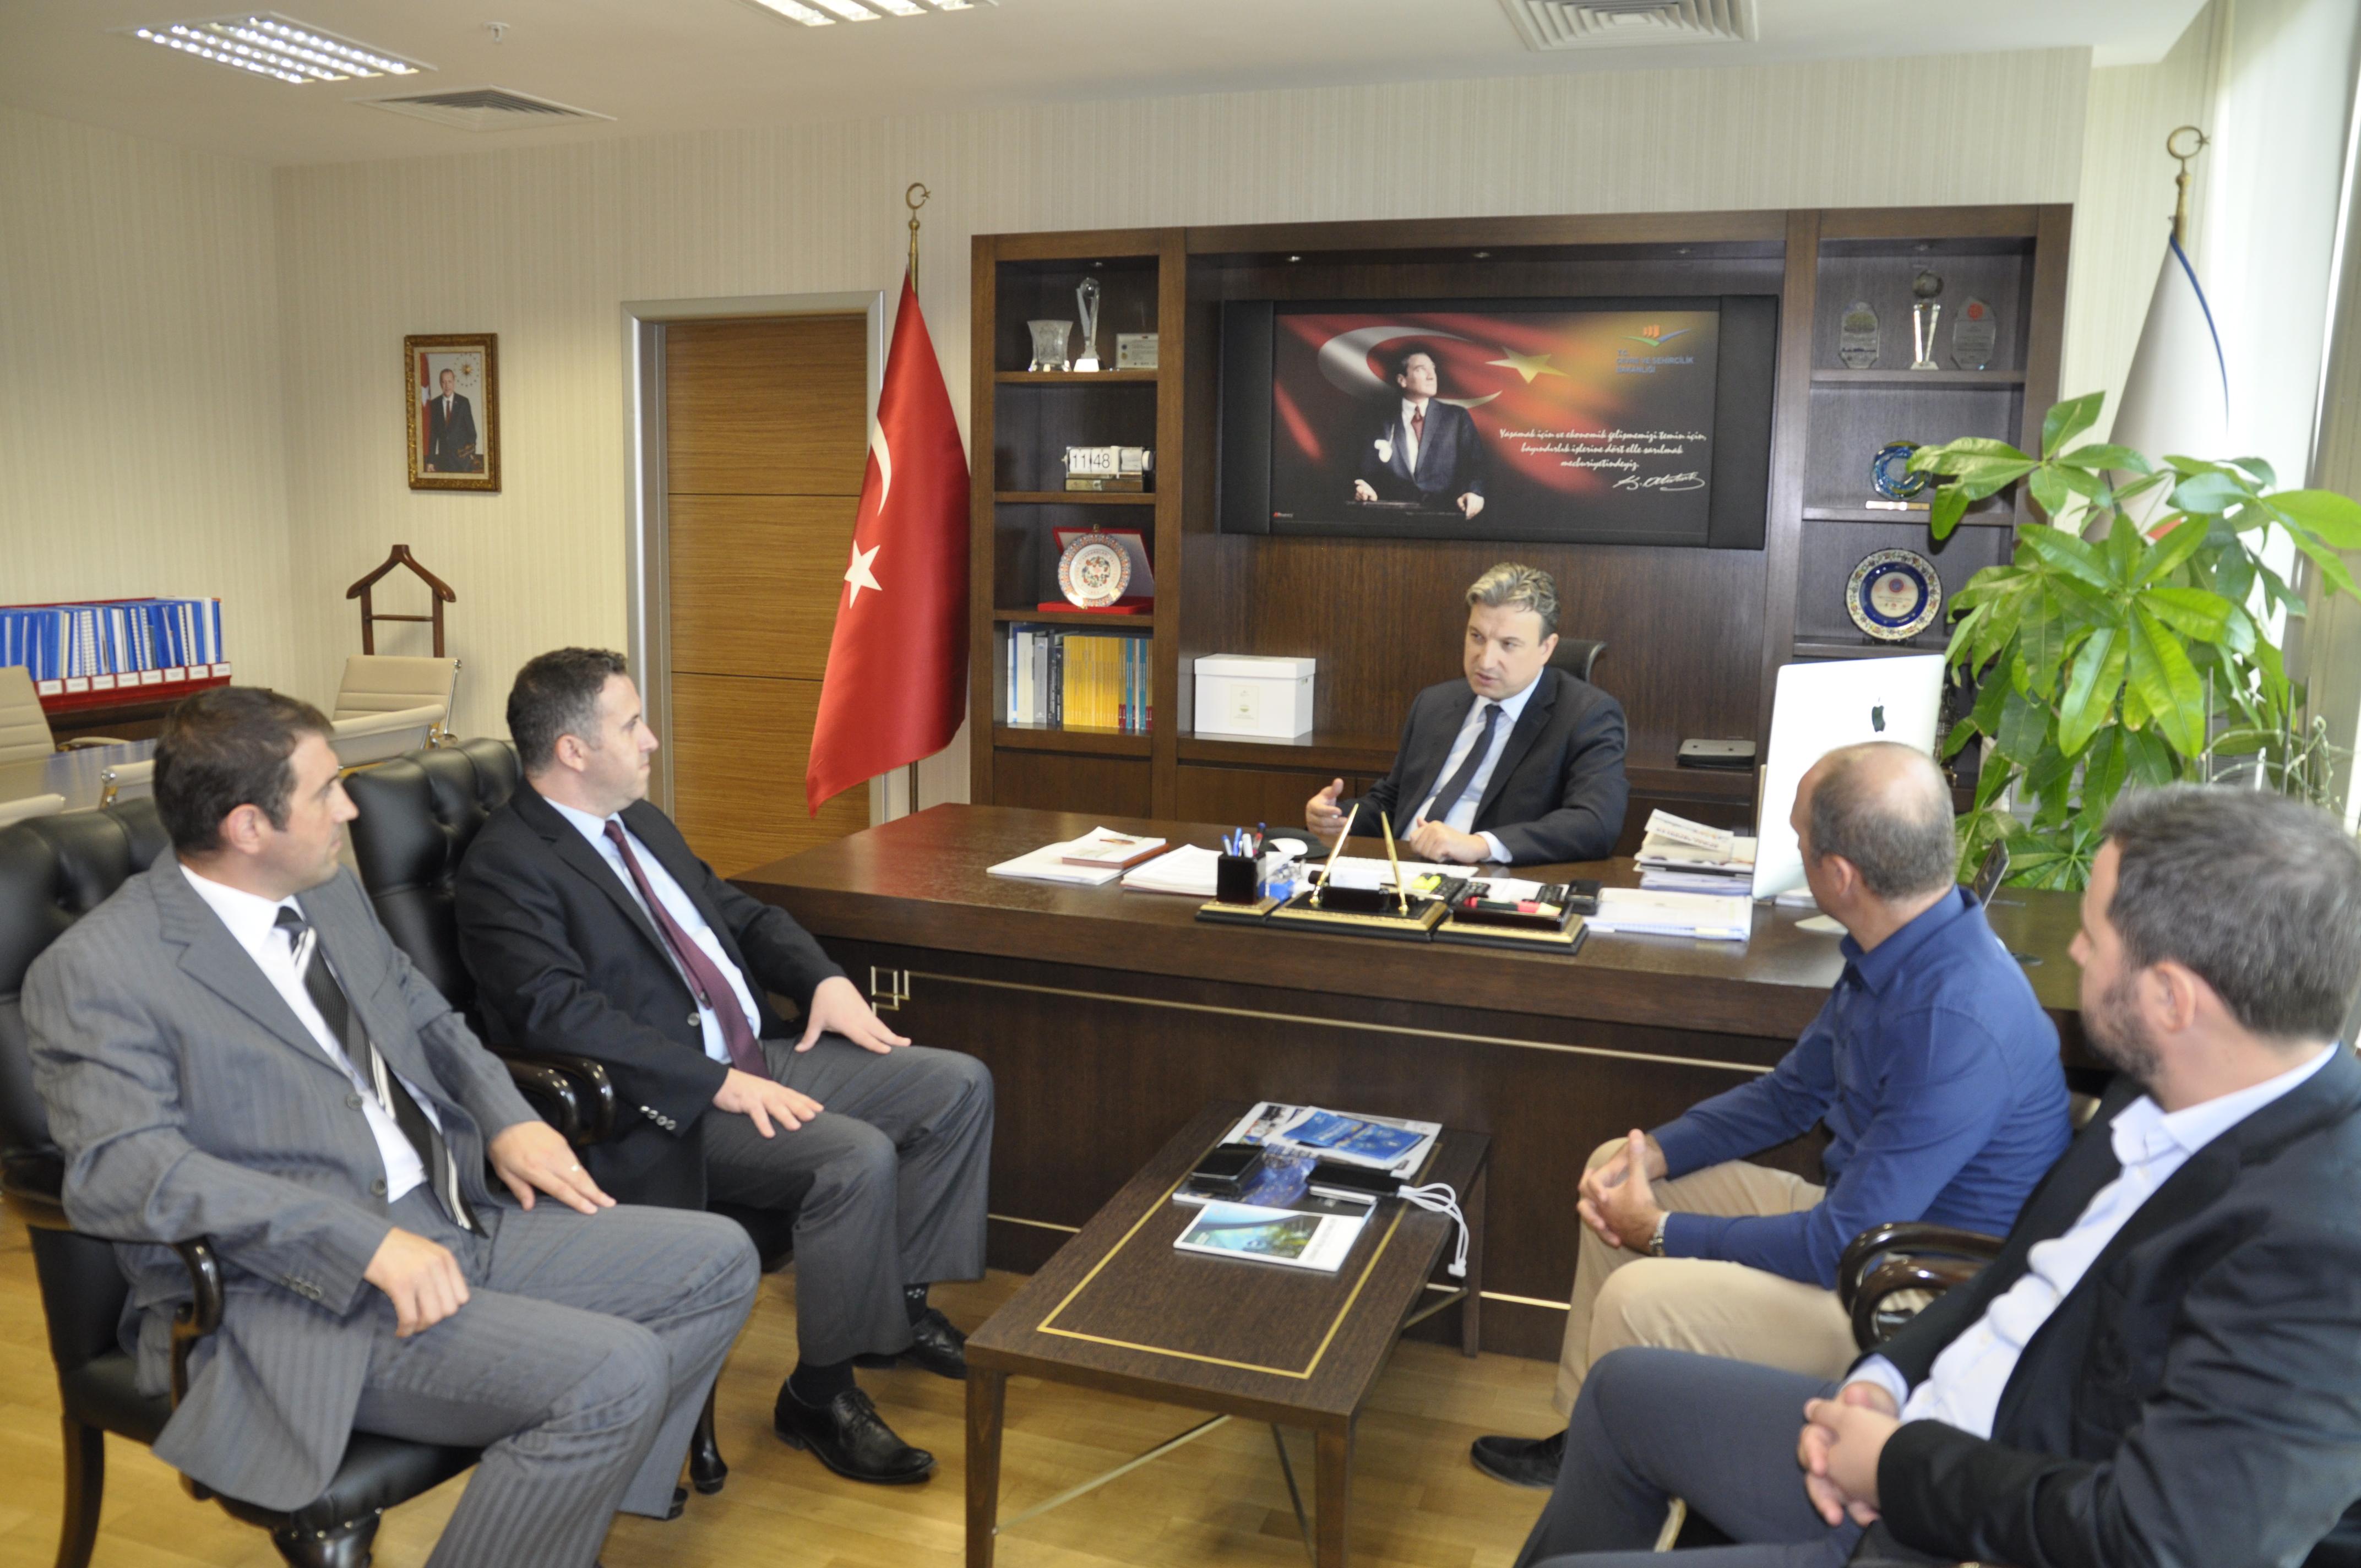 Çevre ve Şehircilik Bakanlığı'na Balıkesir Üniversitesi'nin İş Birliği Ziyareti